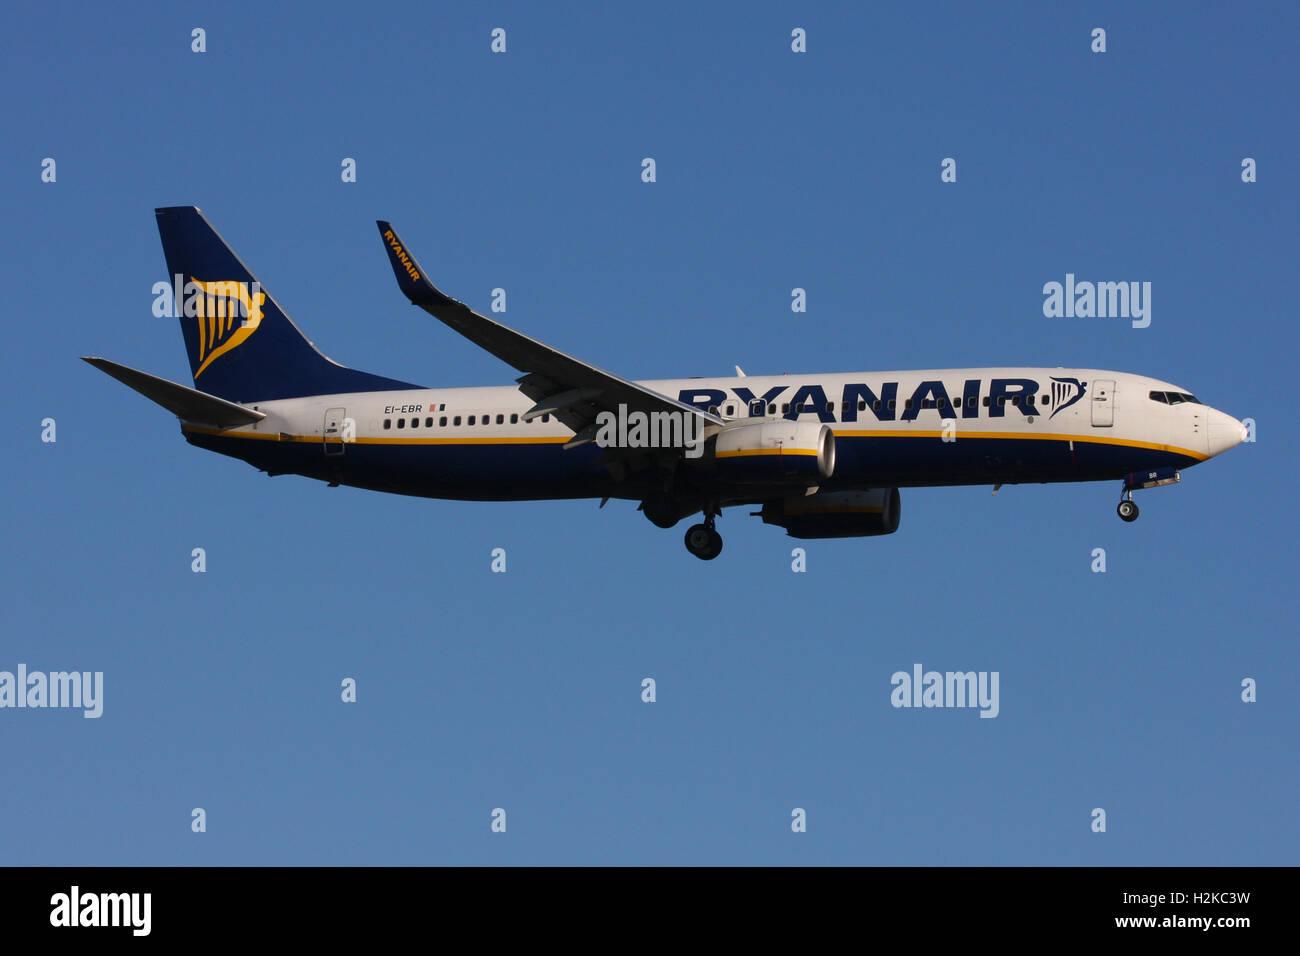 RYANAIR 737 - Stock Image